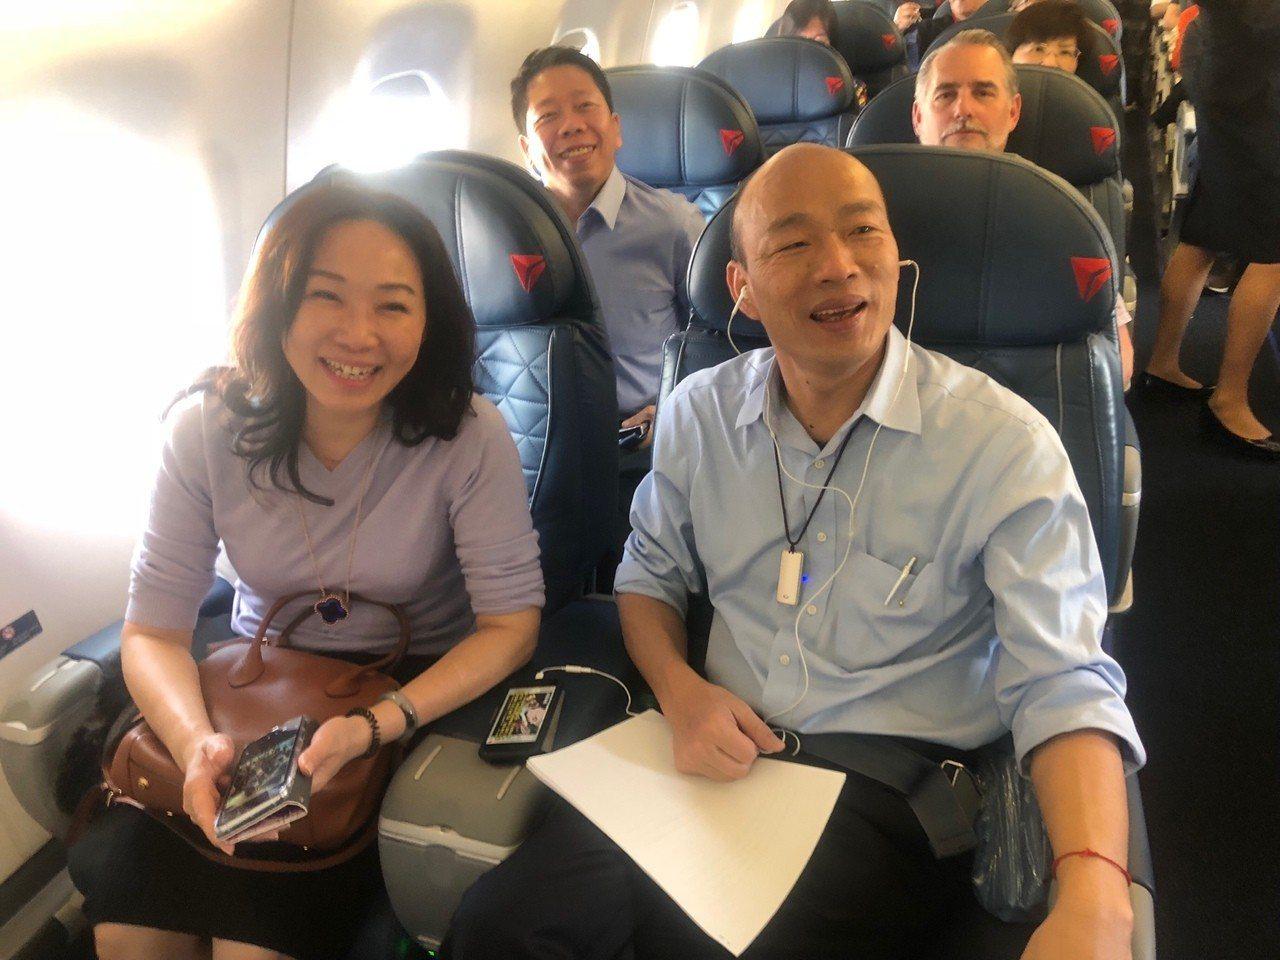 高雄市長韓國瑜美西時間14日下午搭國內線飛機從洛杉磯前往聖荷西,1個多小時的飛行...